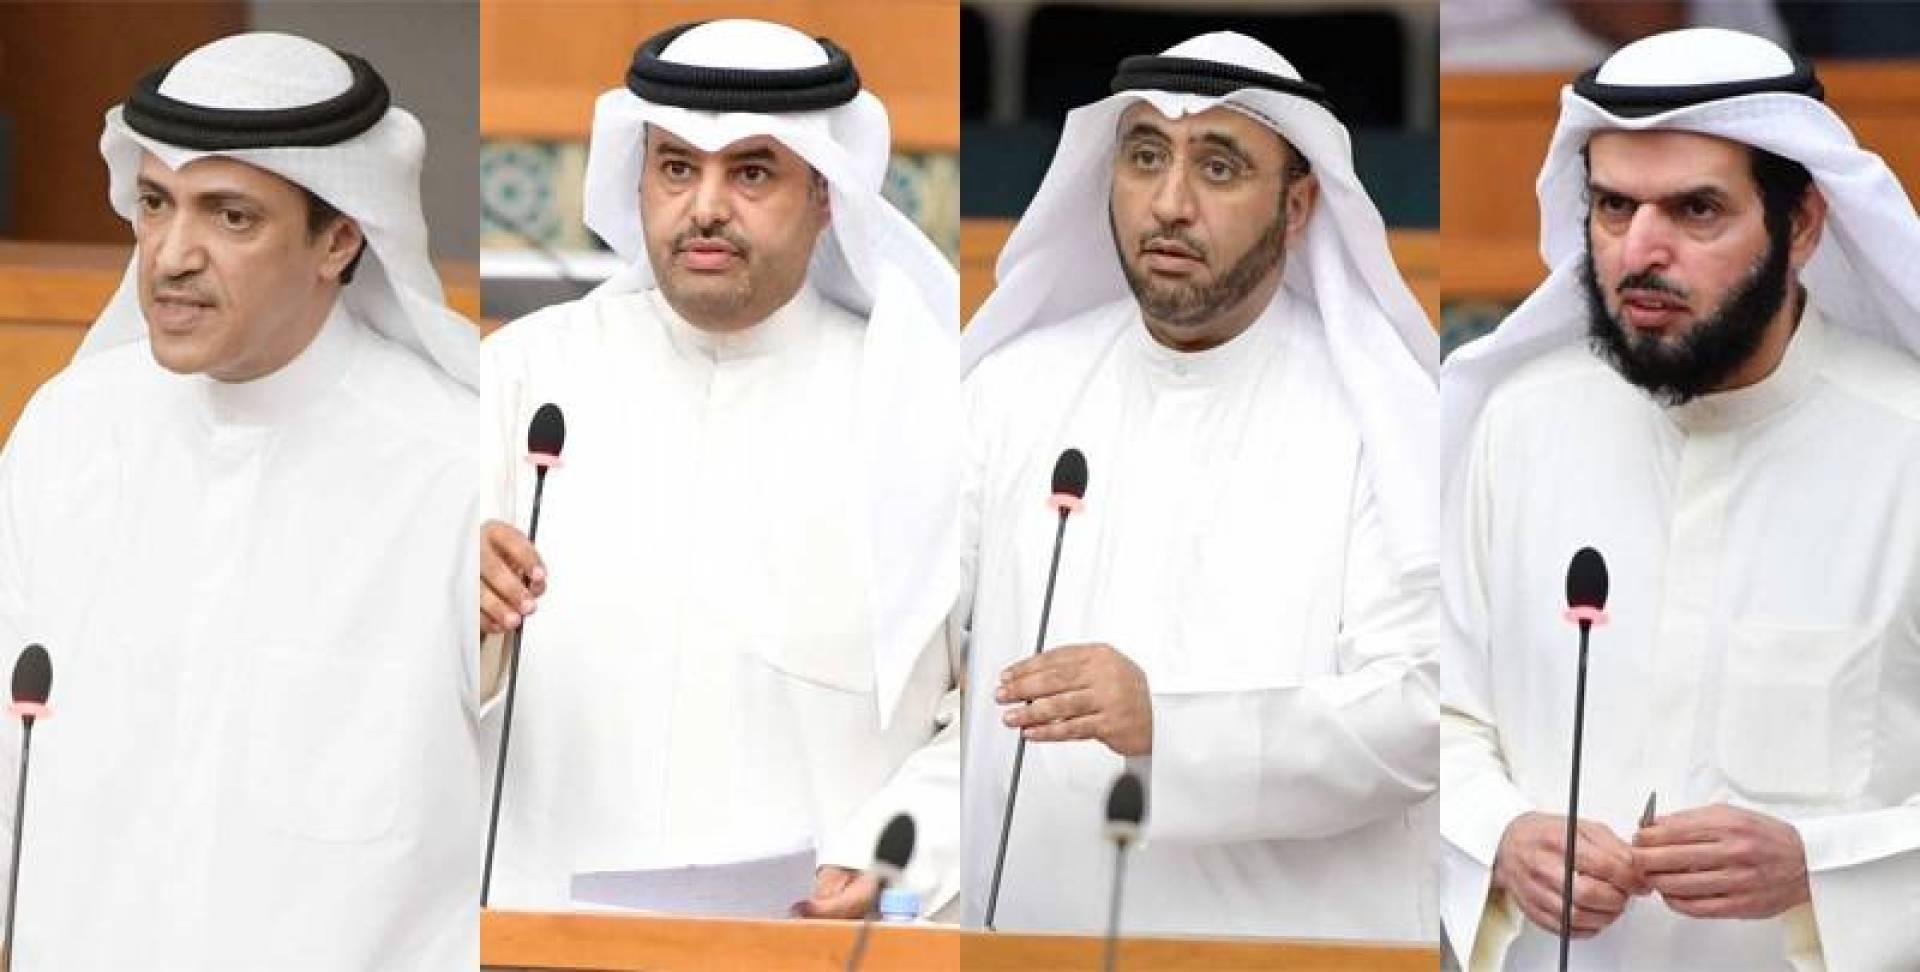 نواب: العفو العام مسؤولية وطنية.. ونطالب الحكومة بتمرير القانون